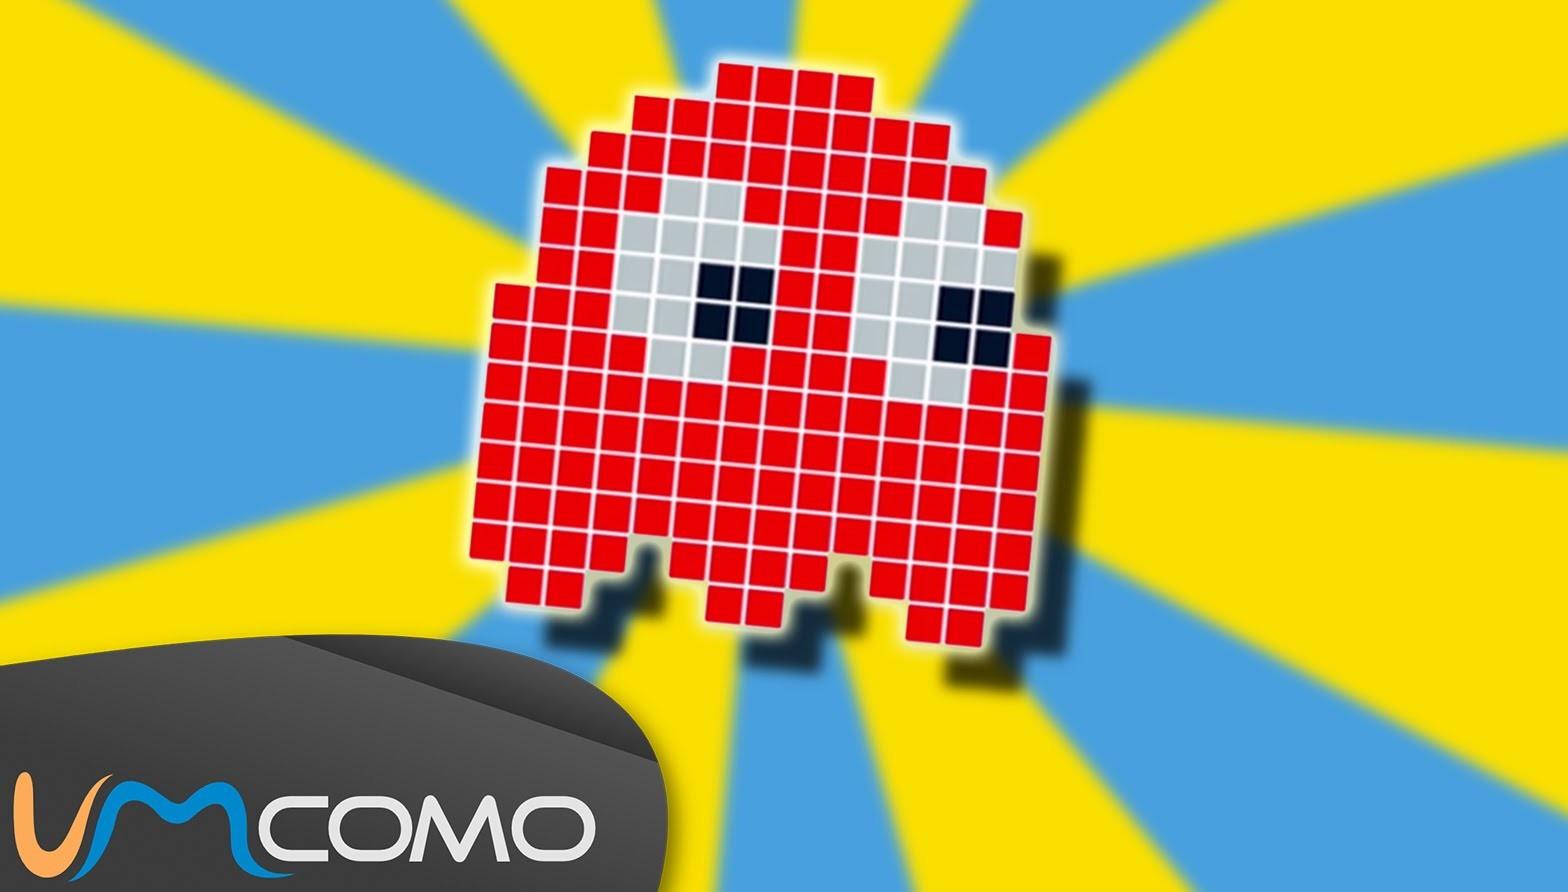 Fantasma Vermelho do Pacman - Perler. Hama Beads Tutorial